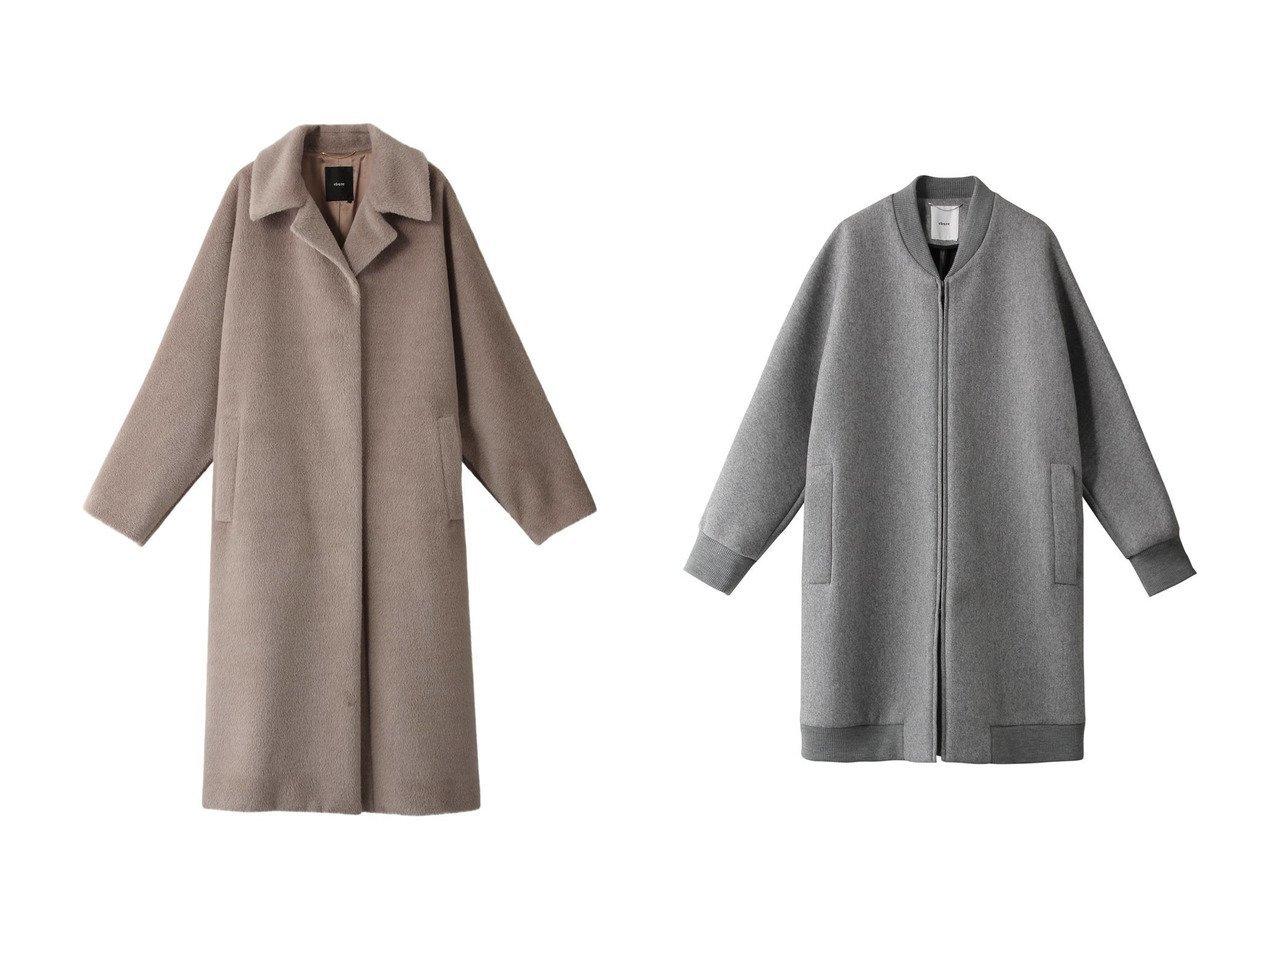 【ebure/エブール】のスーリーアルパカシャギー ステンカラーコート&ウールボンディング ロングブルゾンコート 【アウター】おすすめ!人気、トレンド・レディースファッションの通販 おすすめで人気の流行・トレンド、ファッションの通販商品 インテリア・家具・メンズファッション・キッズファッション・レディースファッション・服の通販 founy(ファニー) https://founy.com/ ファッション Fashion レディースファッション WOMEN アウター Coat Outerwear コート Coats ブルゾン Blouson/Jackets 2020年 2020 2020-2021秋冬・A/W AW・Autumn/Winter・FW・Fall-Winter/2020-2021 2021年 2021 2021-2022秋冬・A/W AW・Autumn/Winter・FW・Fall-Winter・2021-2022 A/W・秋冬 AW・Autumn/Winter・FW・Fall-Winter リュクス ロング  ID:crp329100000058637